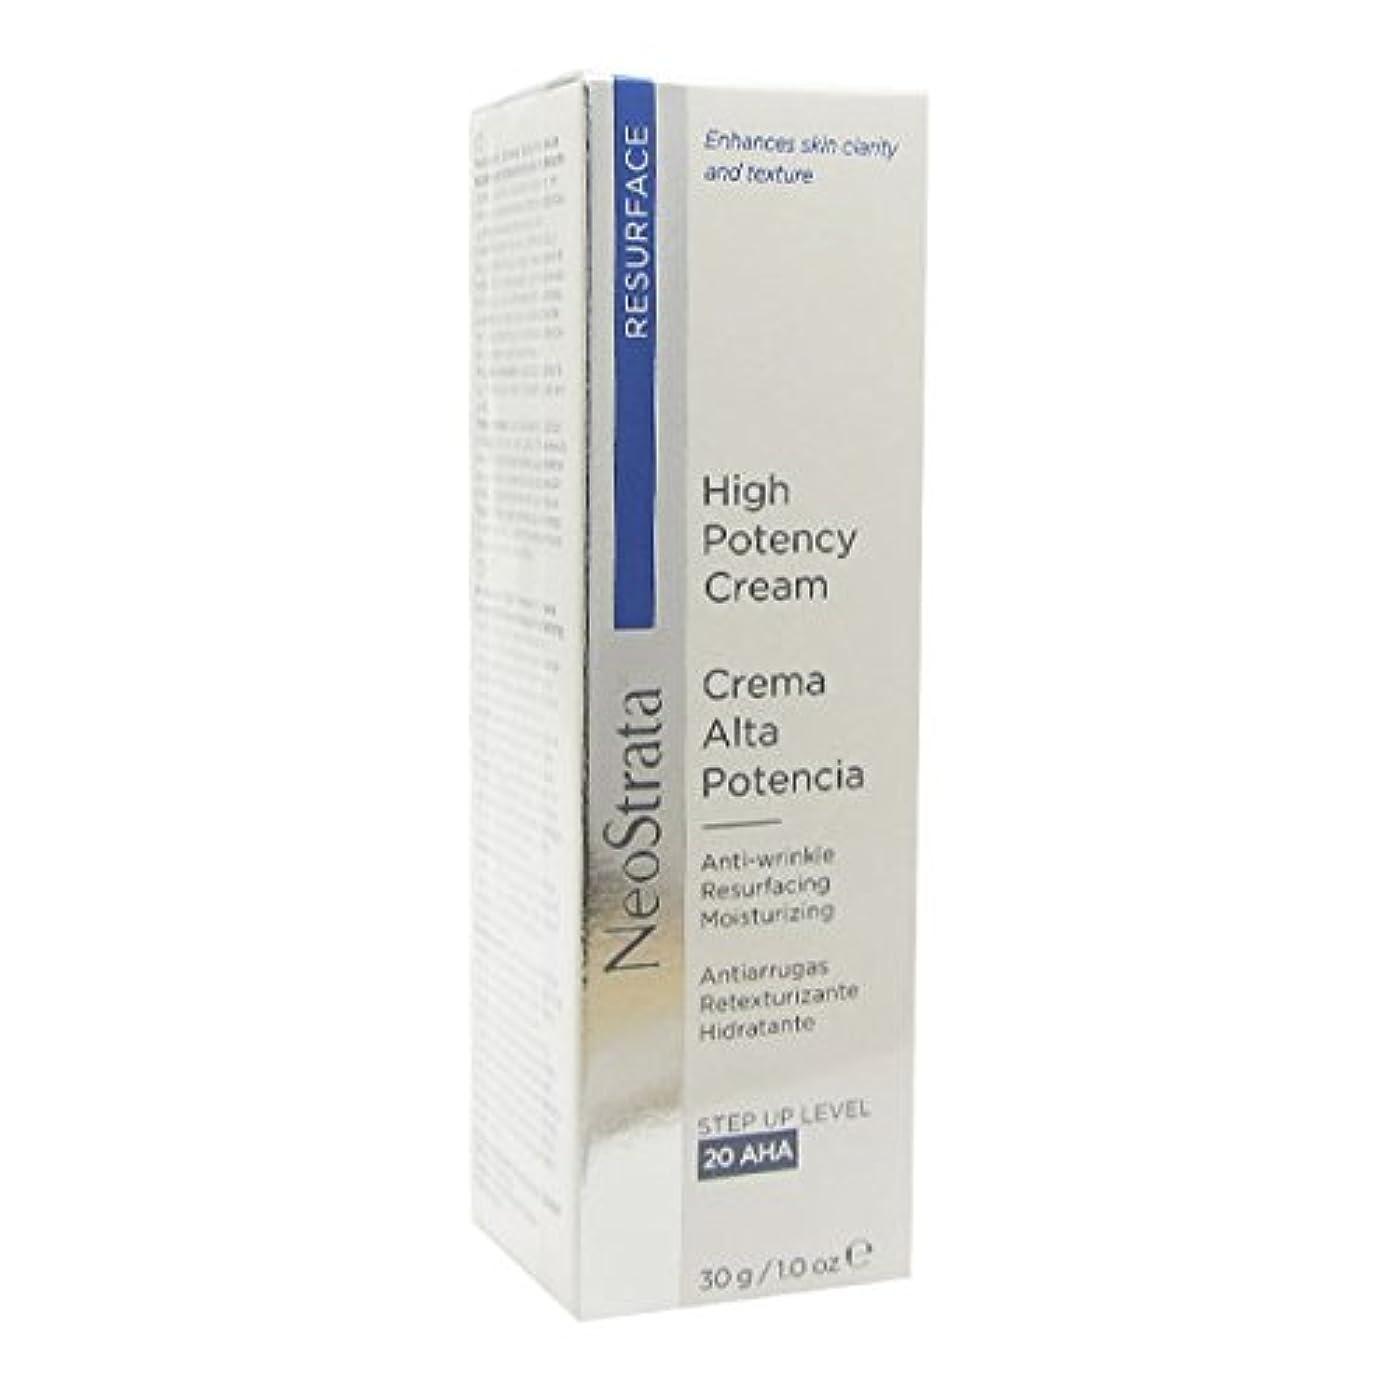 オーバーフロー章枝Neostrata High Potency Cream Anti-wrinkle Resurfacing Moisturizing 30g [並行輸入品]